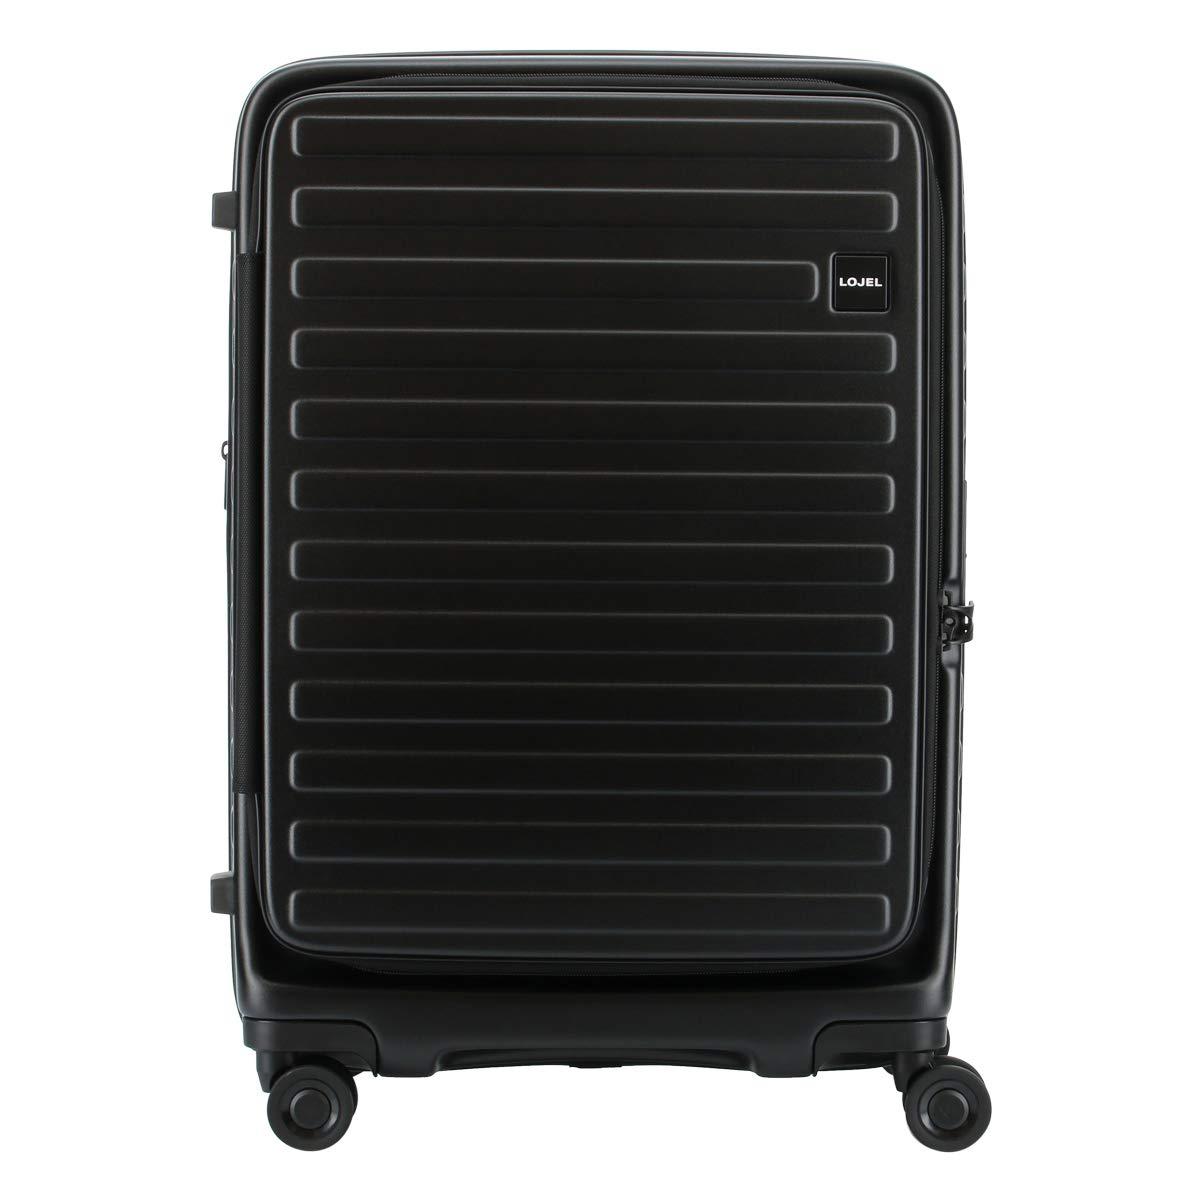 [ロジェール] スーツケース CUBO-M Mサイズ 70L/77L 62cm 3.9kg B07RMHSVT1 ブラック